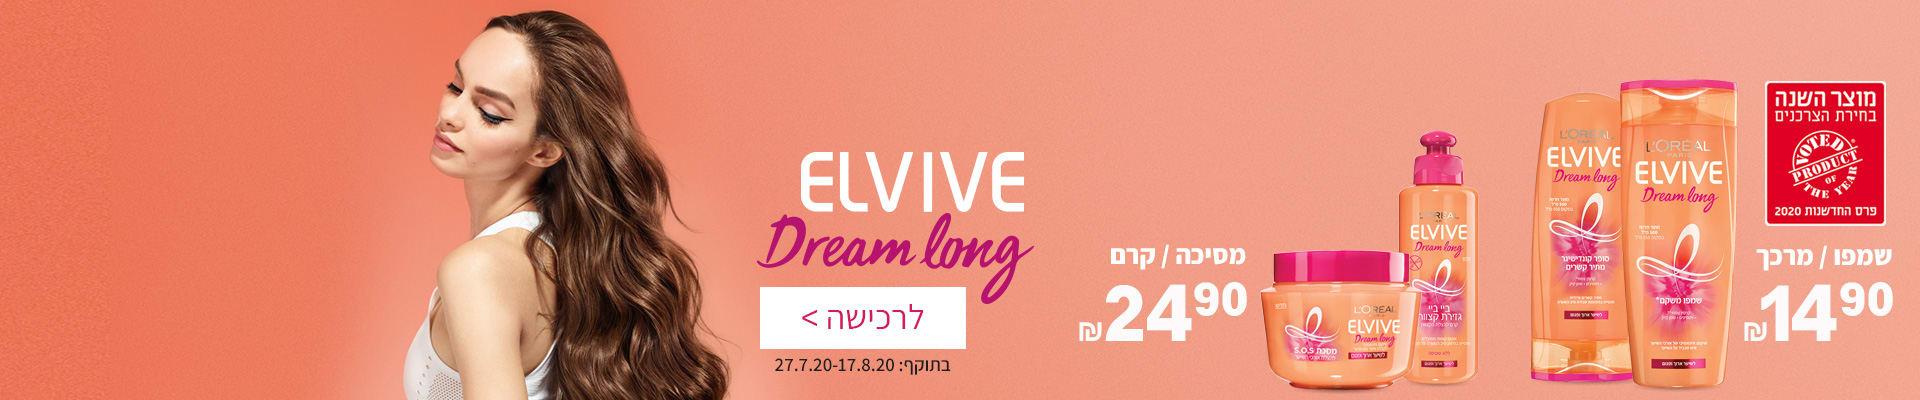 ELVIVE DREAM LONG מסיכה/קרם ב- 24.90 ₪, שמפו/מרכך ב- 14.90 ₪. בתוקף עד 17.8.20